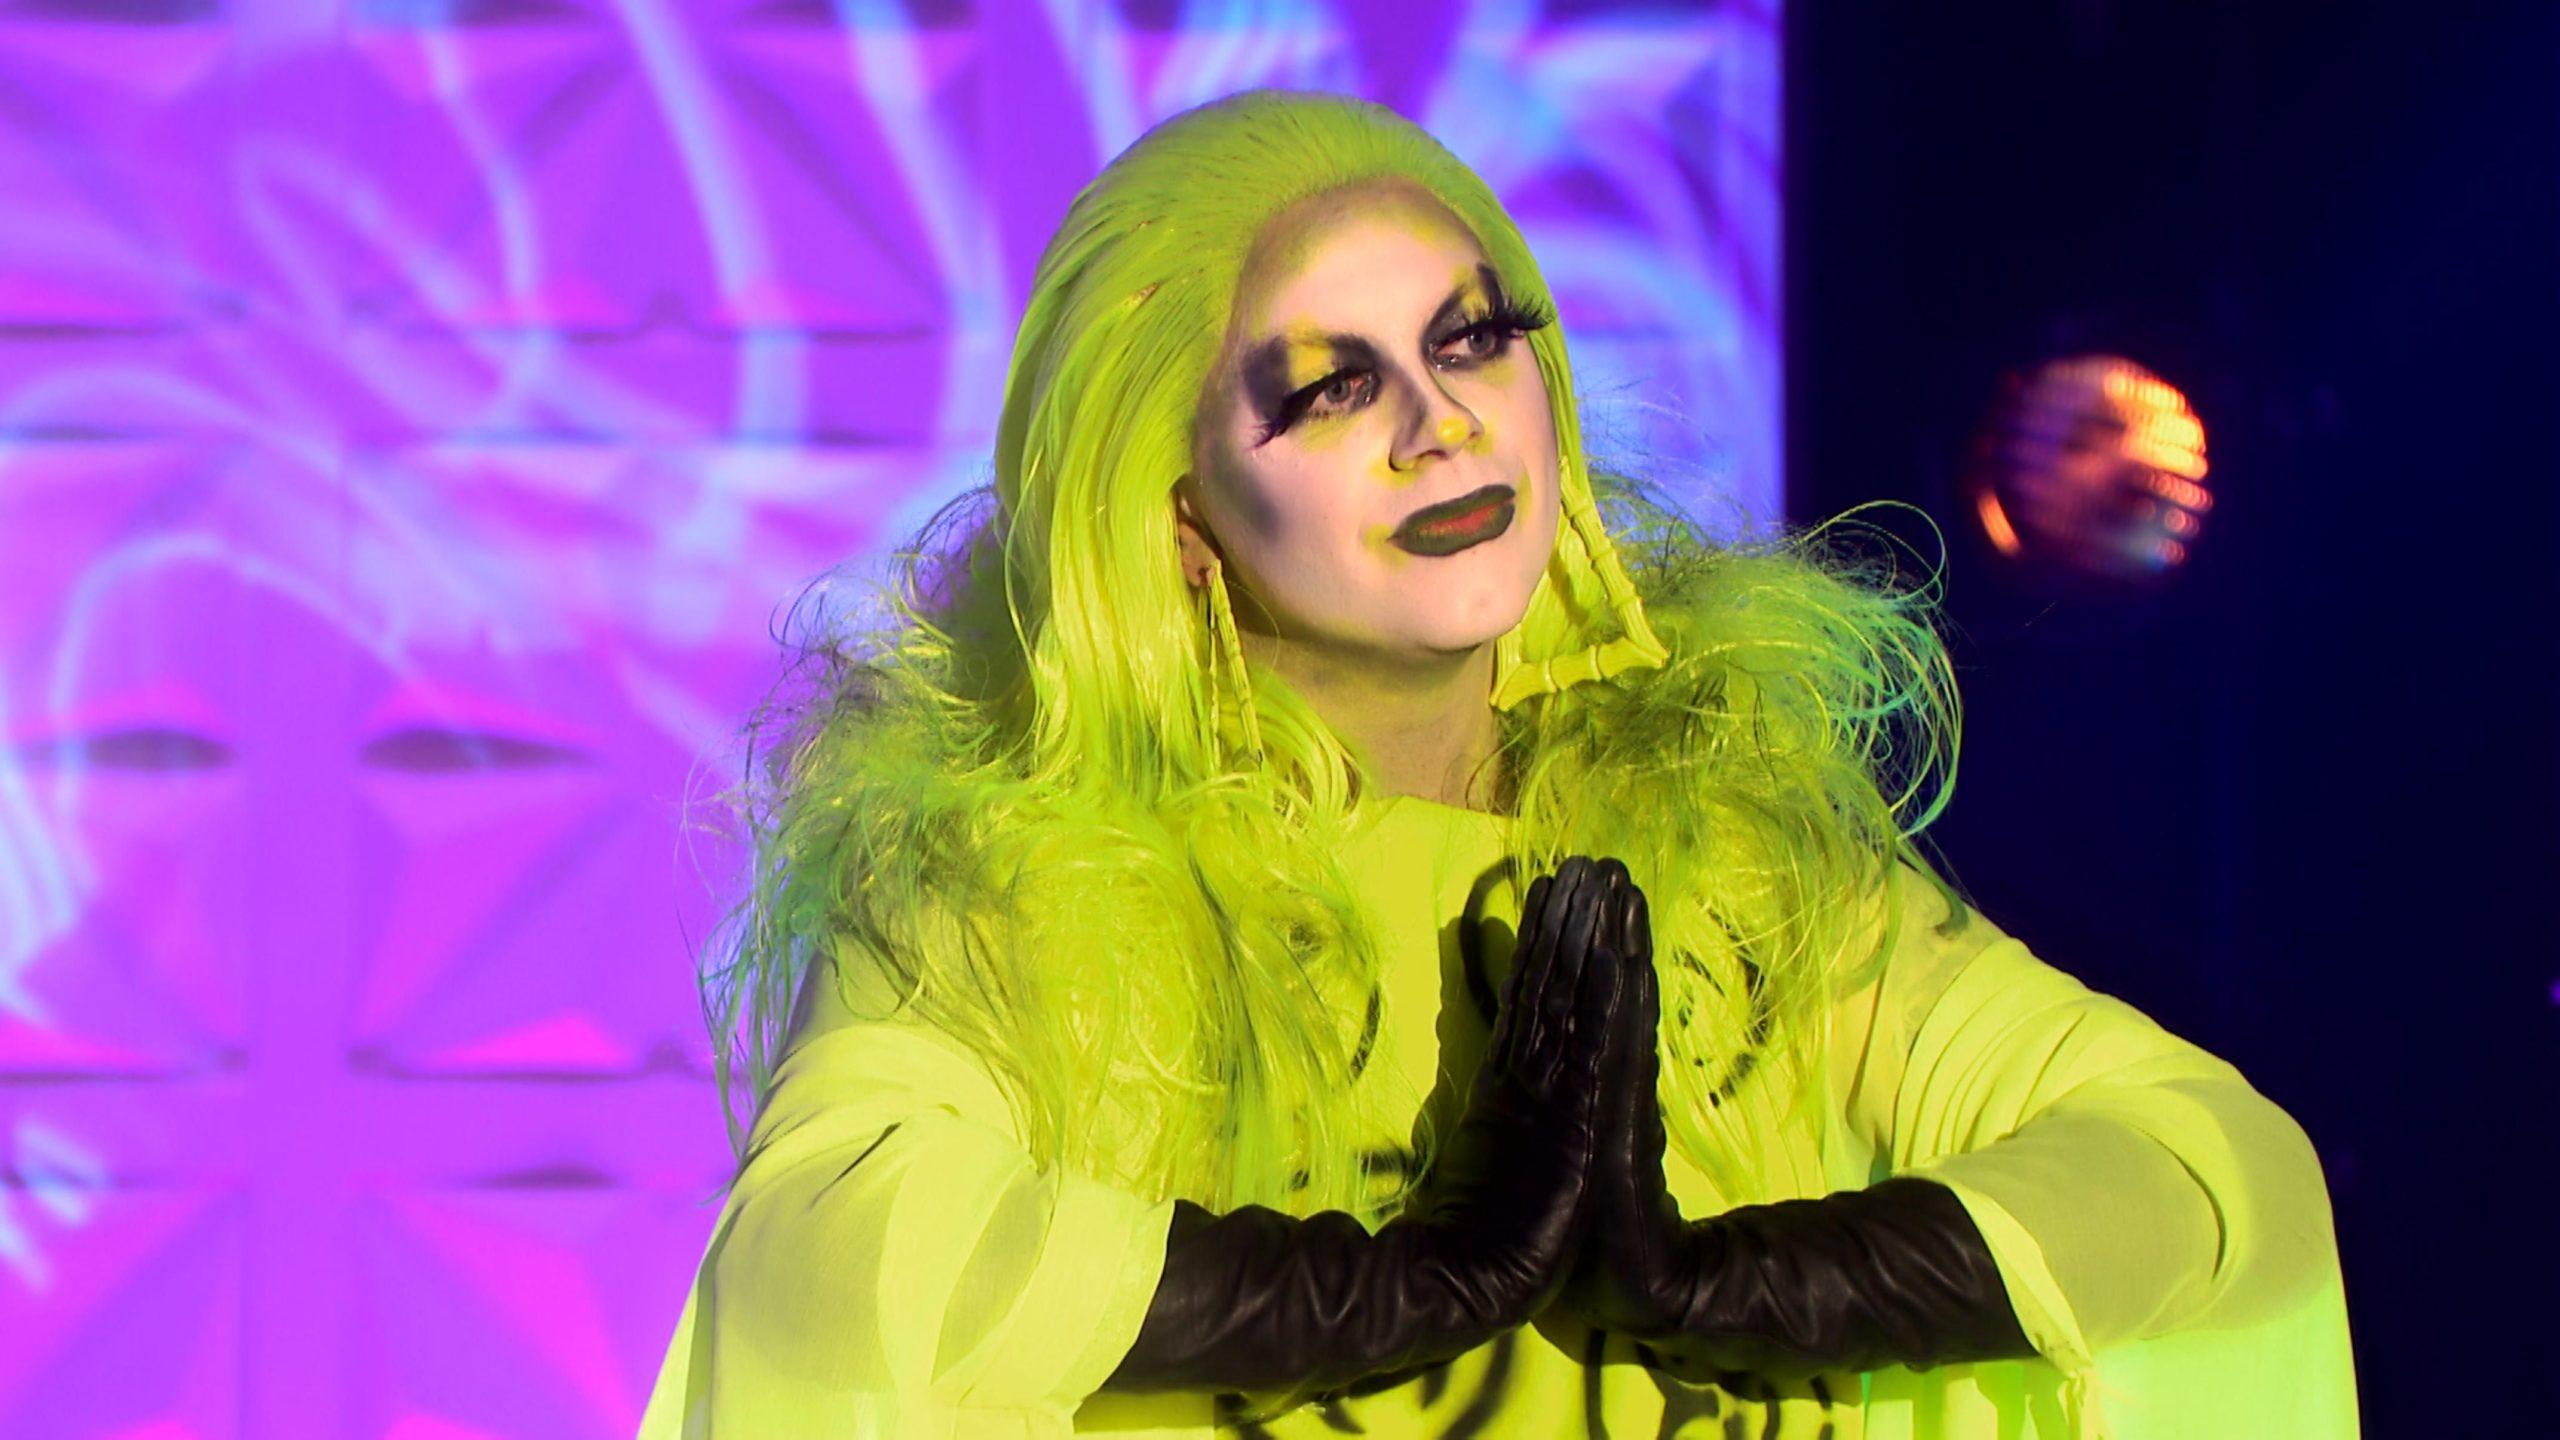 Foto de Ginny Lemon desistindo do programa. Ela está com o rosto pintado de branco, com tons de verde neon. Ela usa uma peruca verde abaixo dos ombros, e faz um sinal de mãos em prece com as luvas pretas. A roupa, um vestido com plumas verdes, é da mesma cor que detalhes da maquiagem nos olhos e no batom.